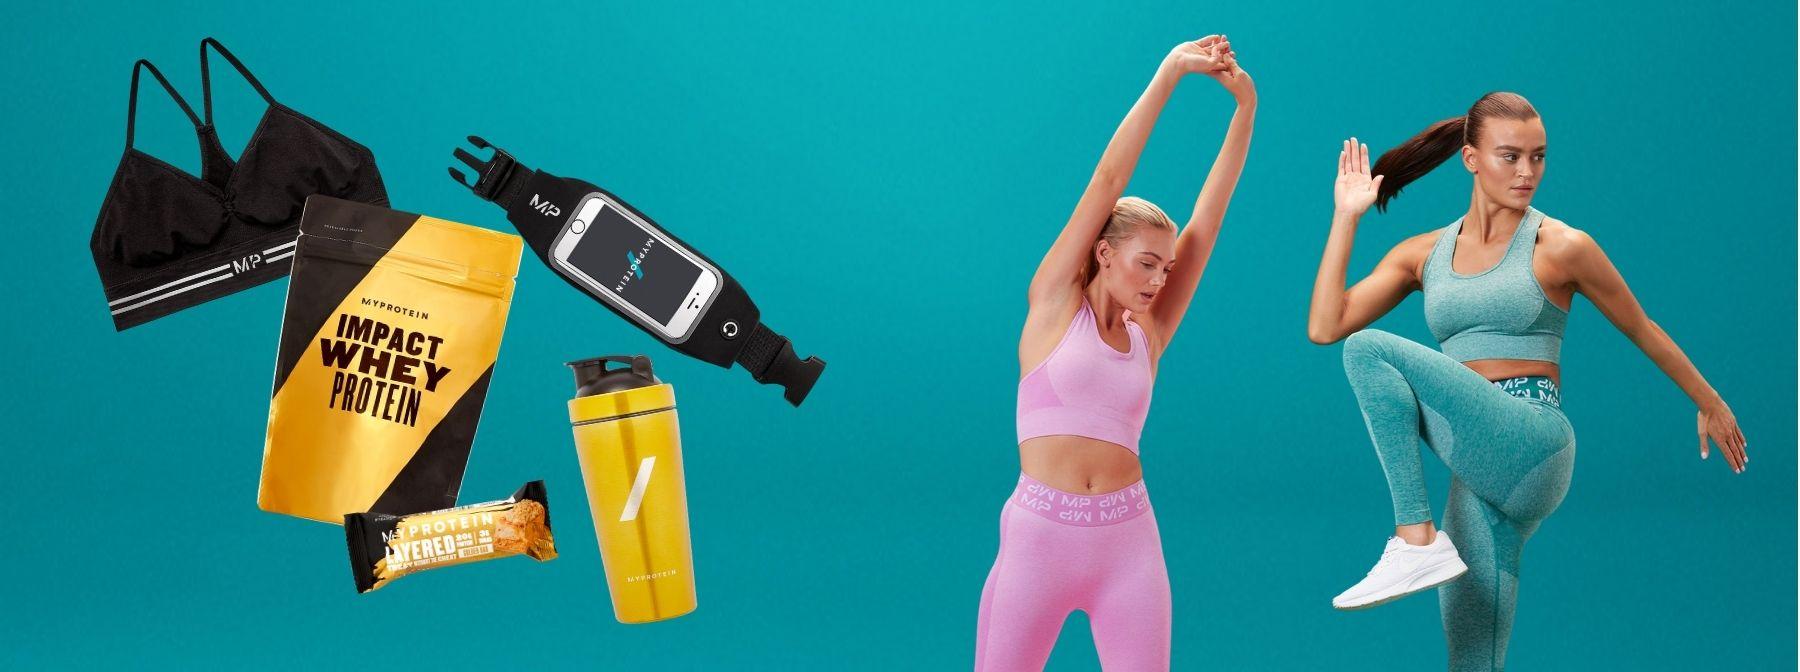 Что подарить девушке на Новый год? I 25 лучших фитнес-подарков